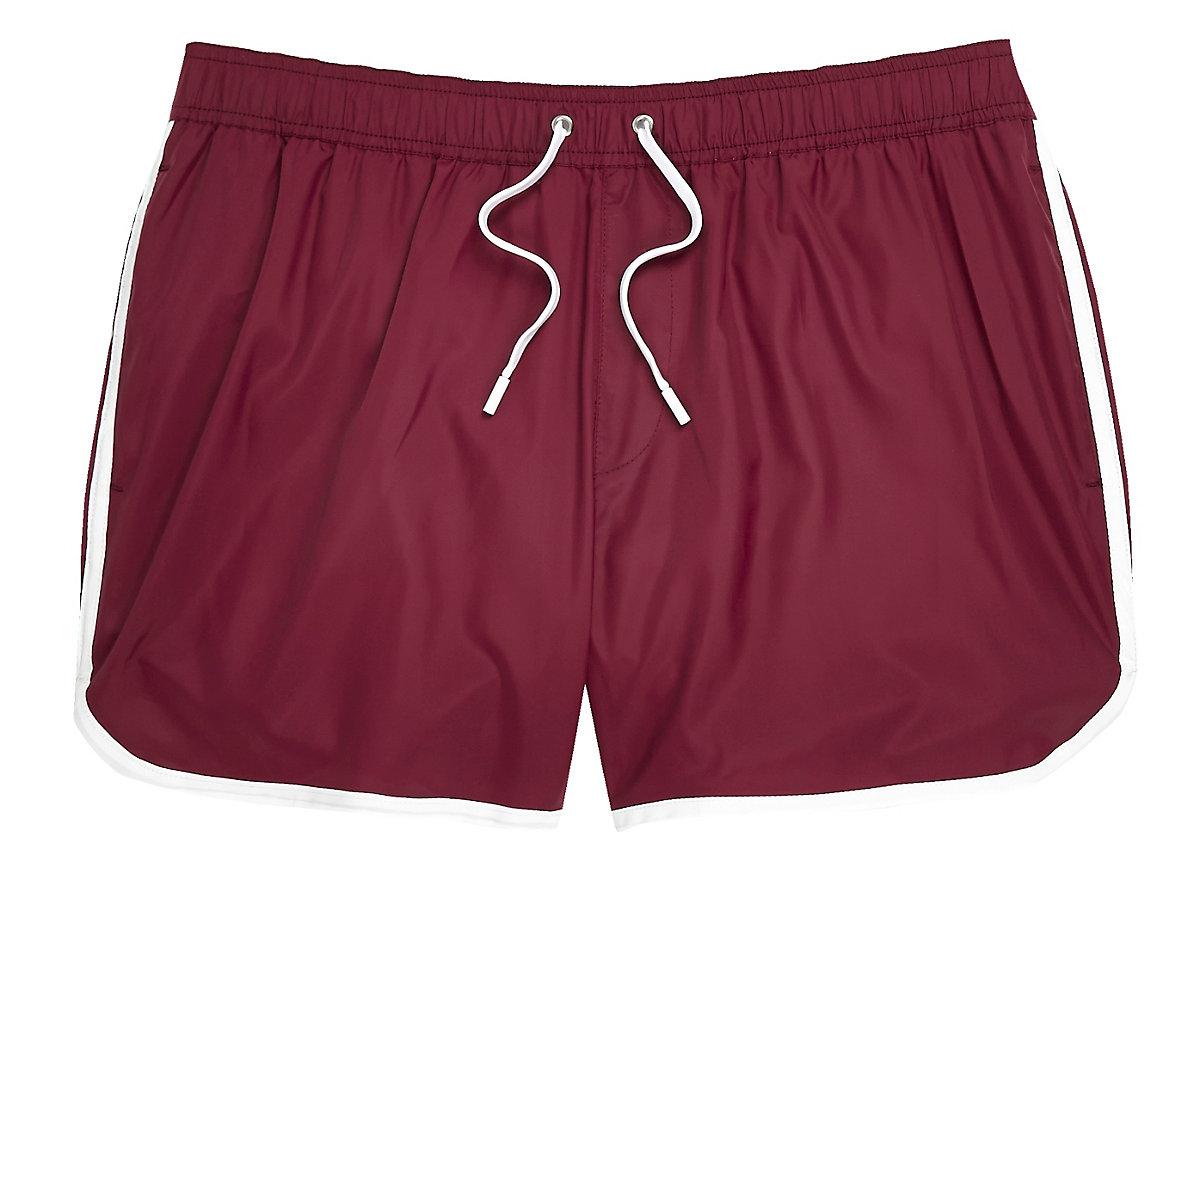 Dark red short swim trunks